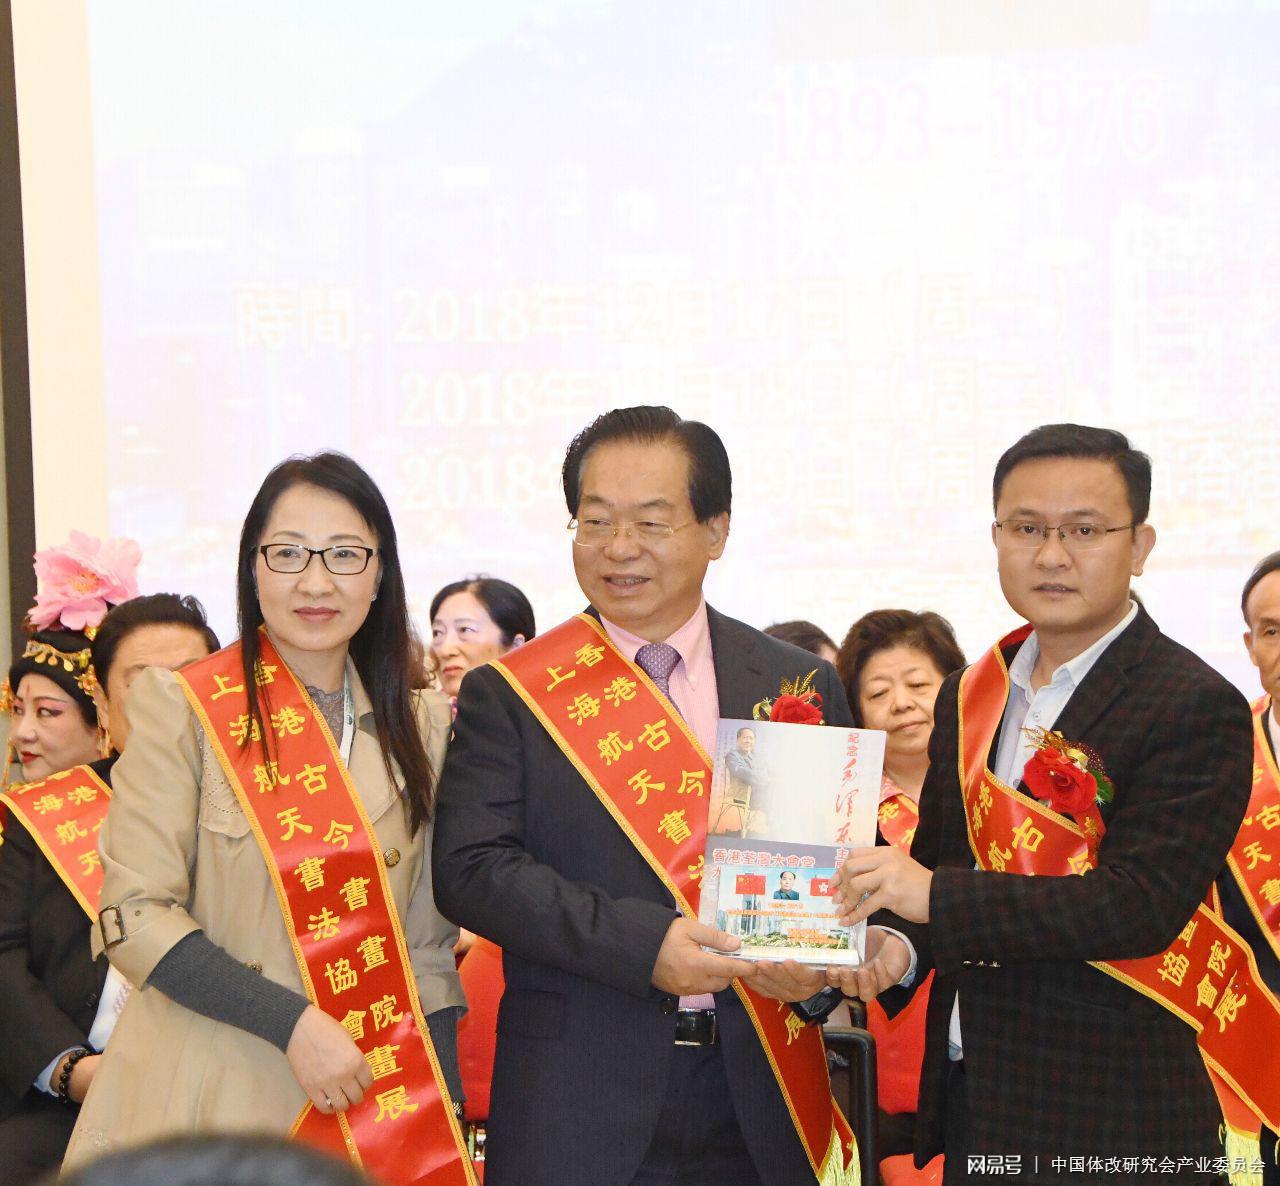 纪念毛泽东诞辰125周年毛泽东诗词书法作品展在香港开幕